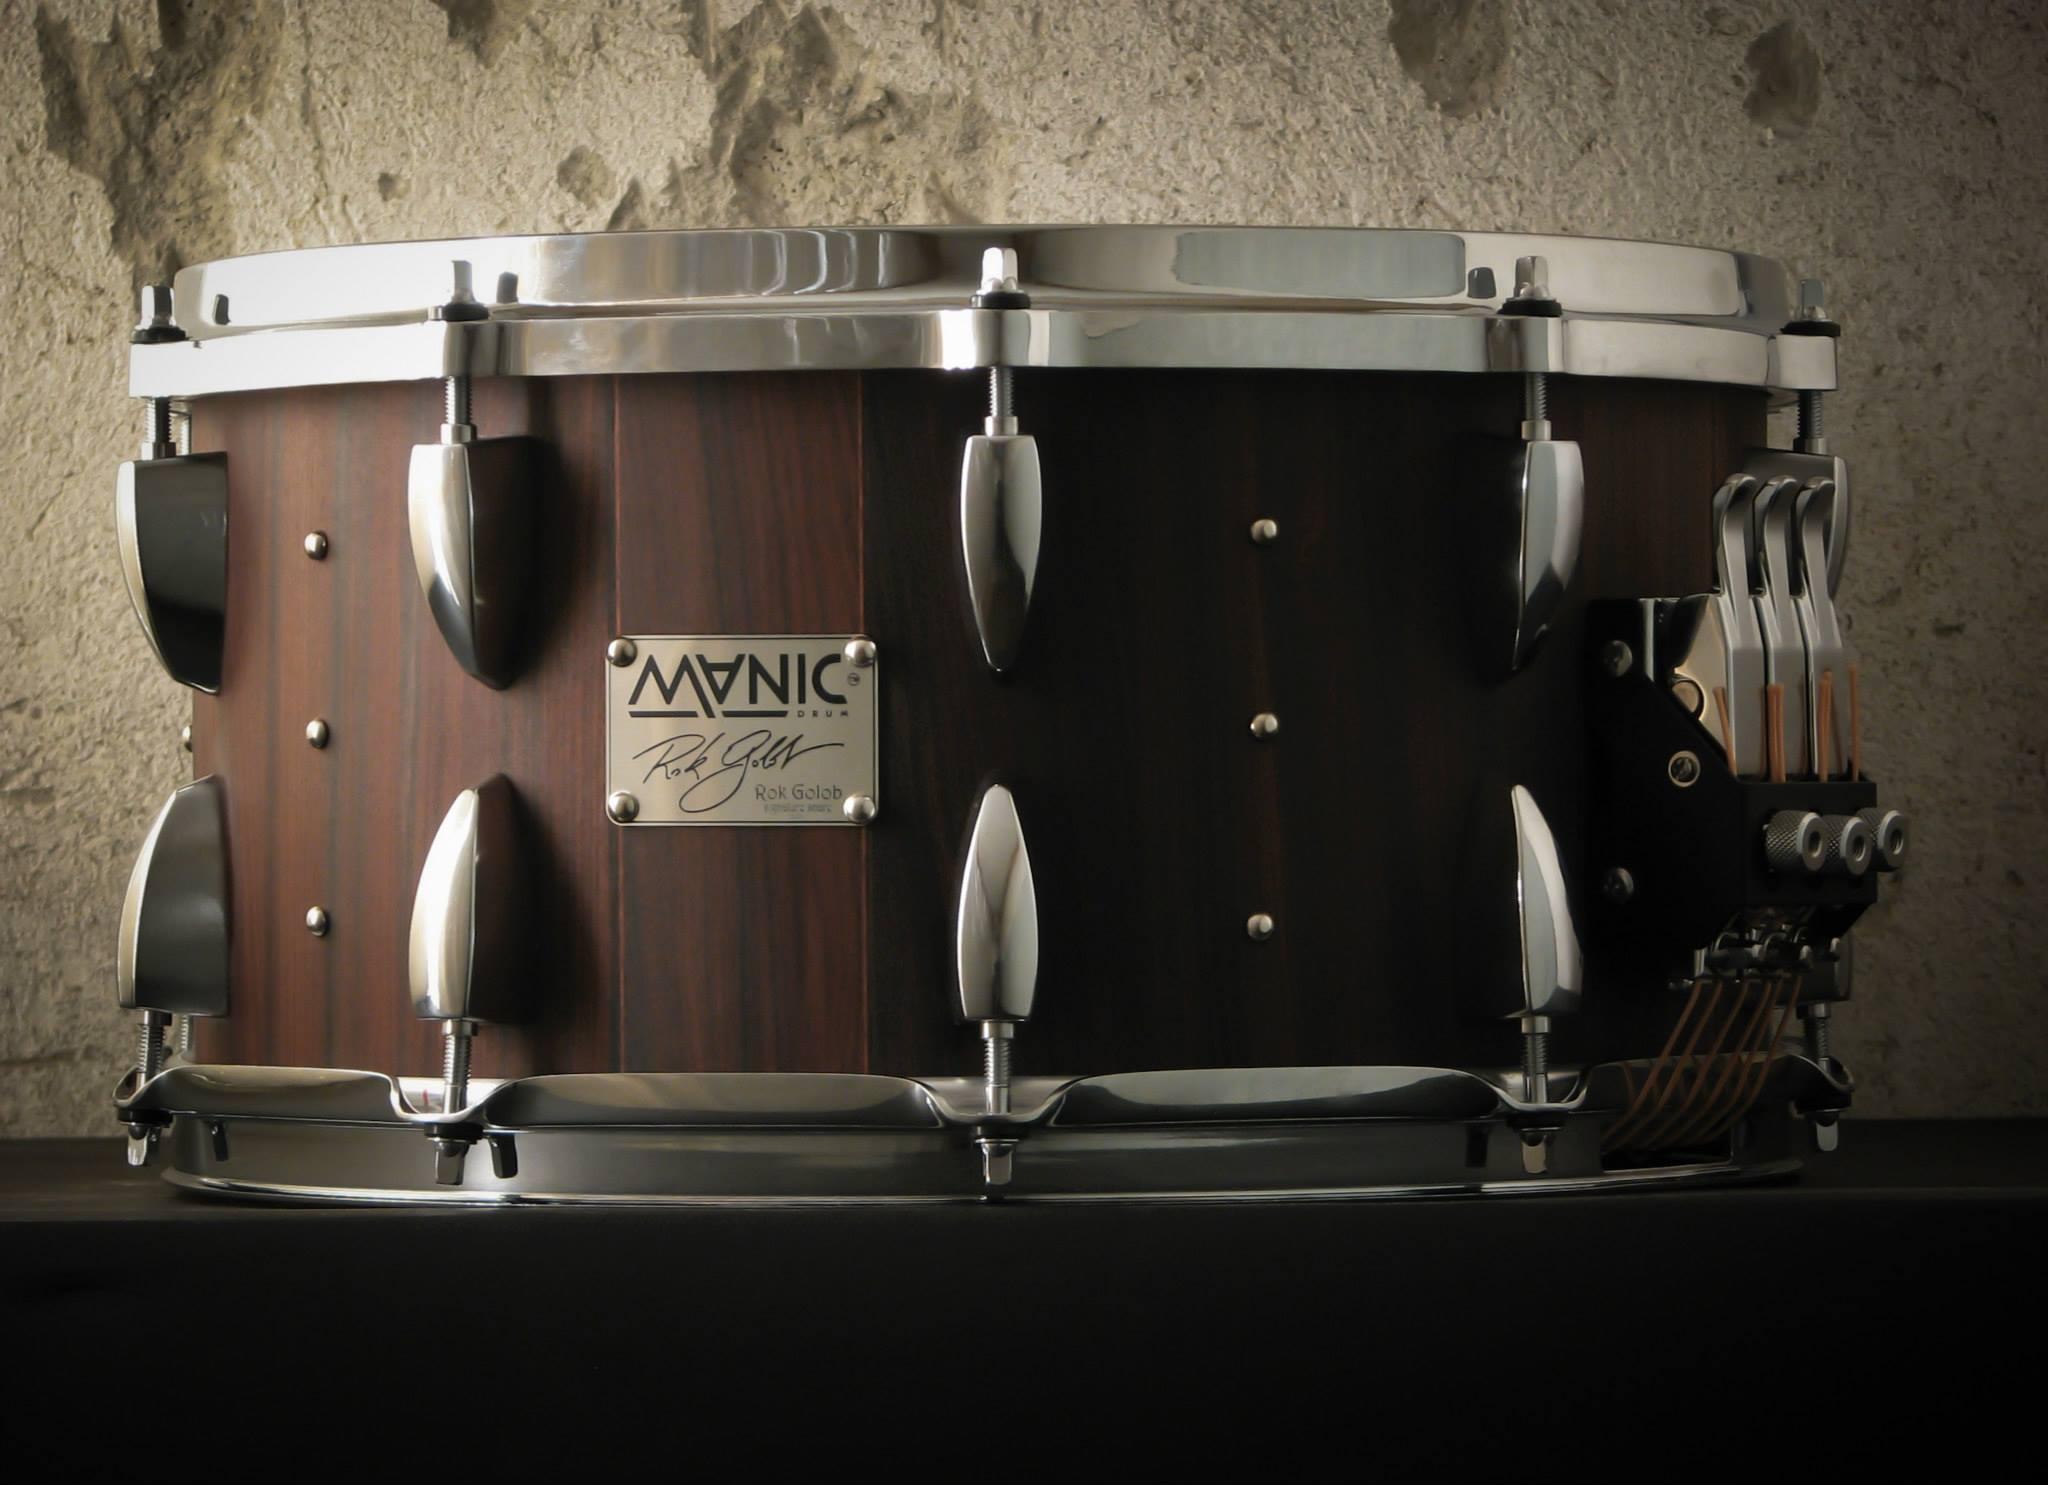 Manic drum